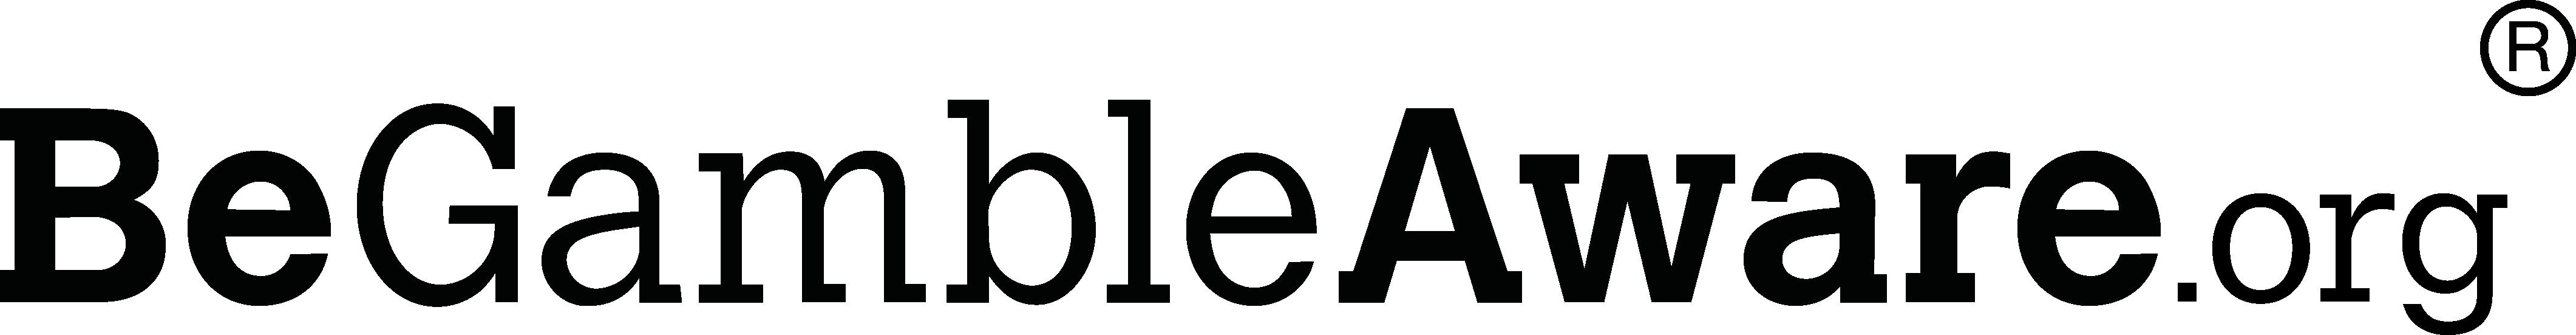 begmbleaware